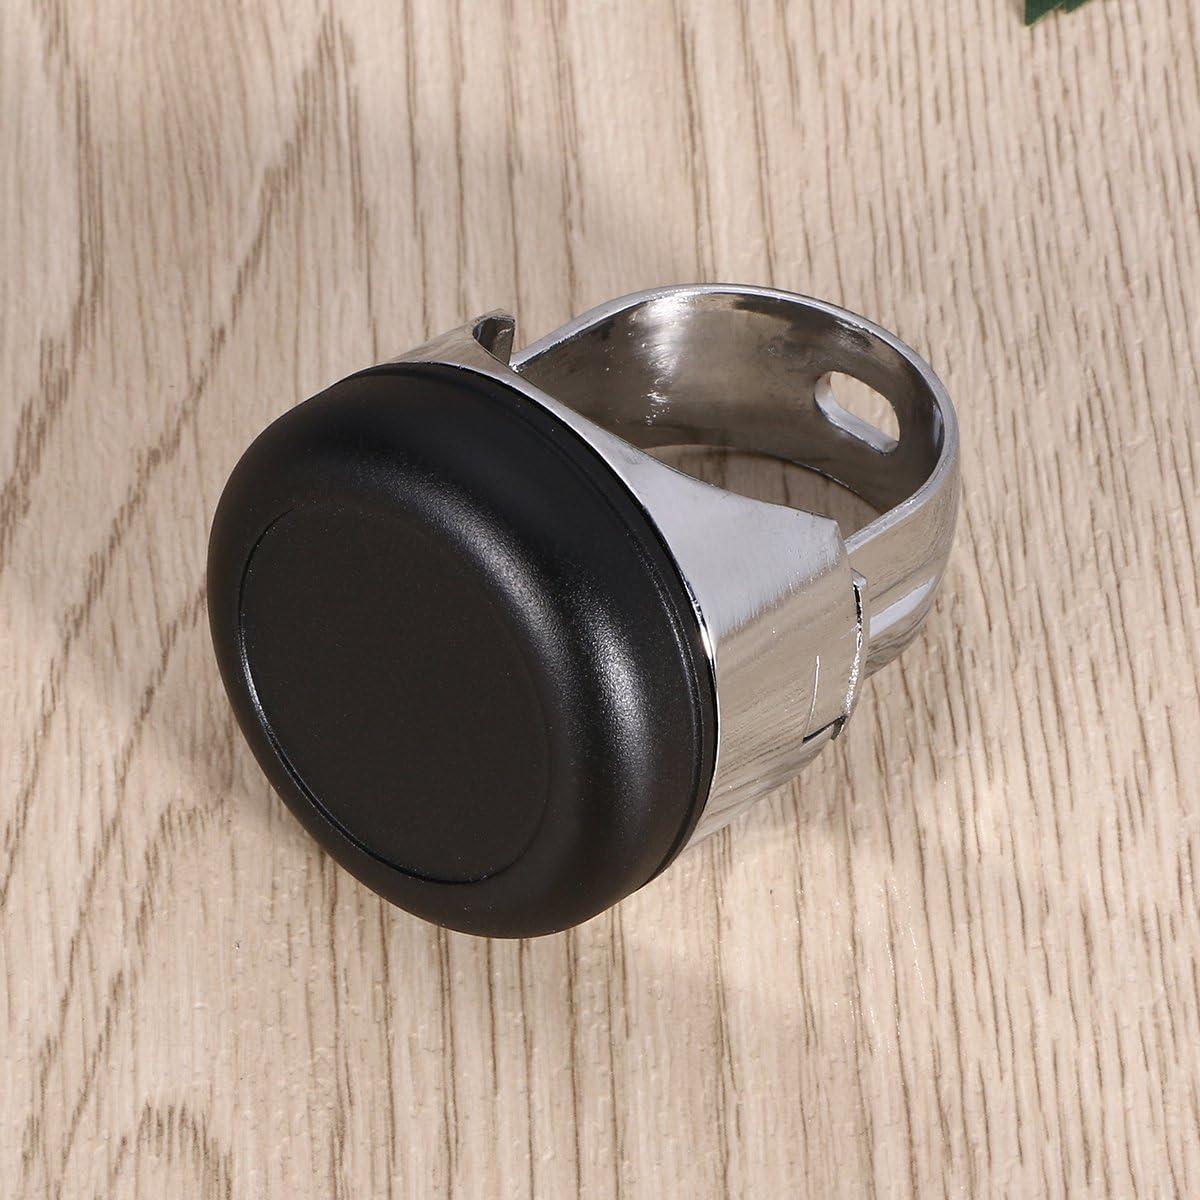 Dull Noir WINOMO amplificateur de voiture de volant Spinner Aid accessoire de boule de poign/ée de commande auxiliaire